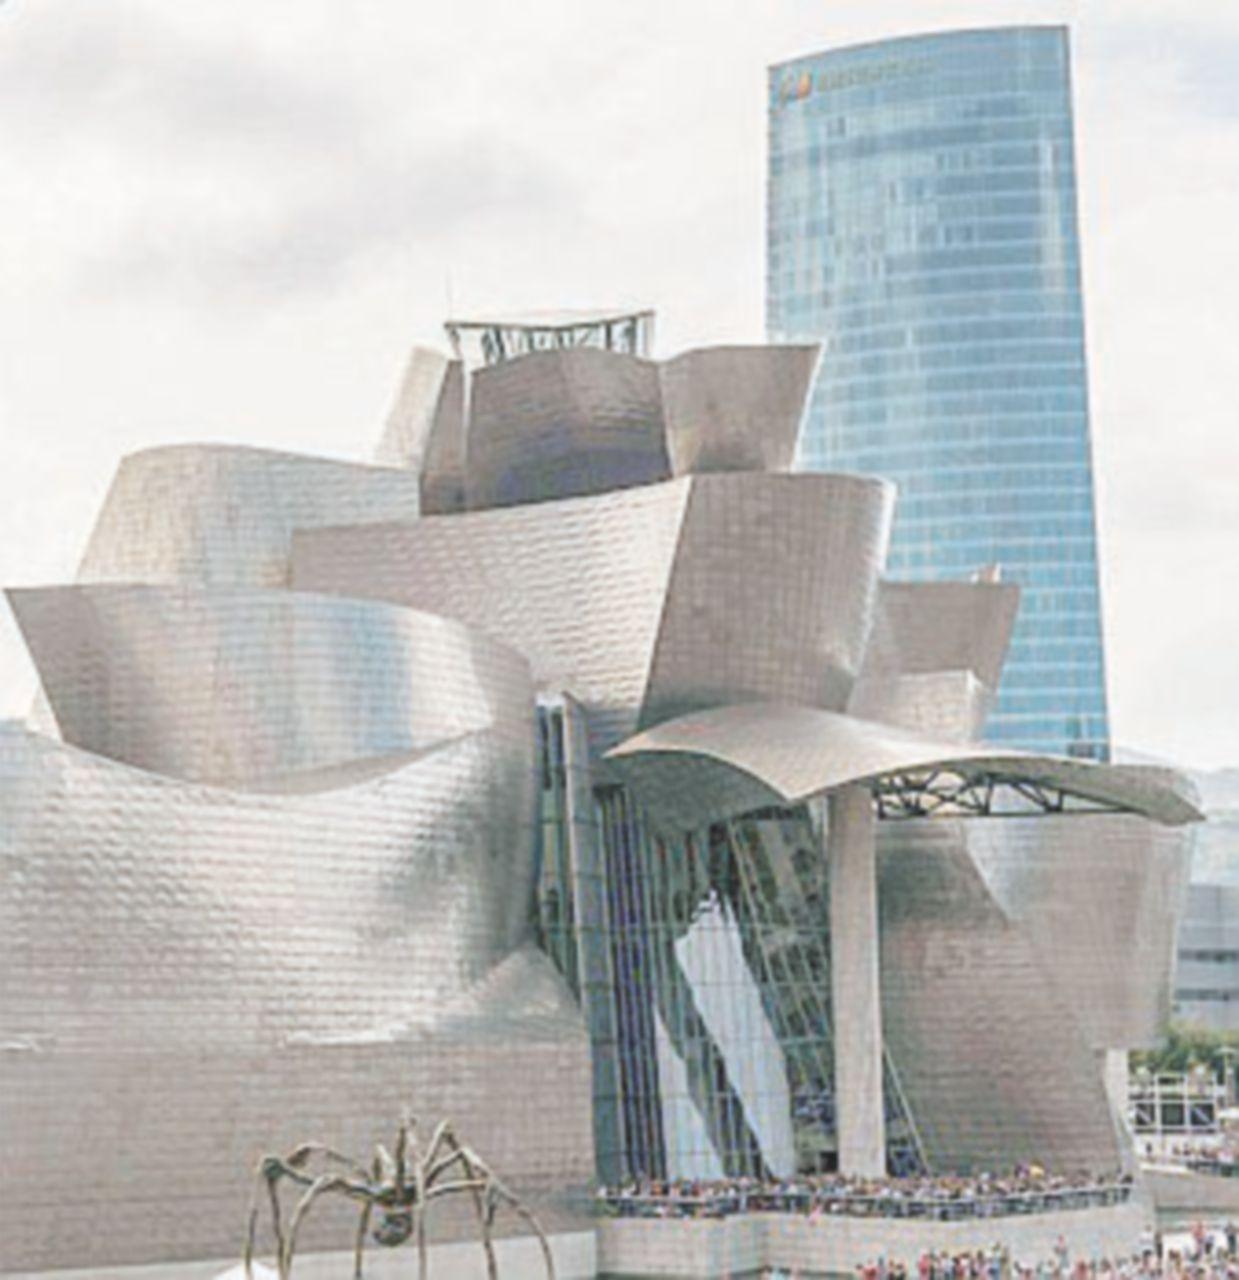 L'idea Guggenheim e il parco in Germania